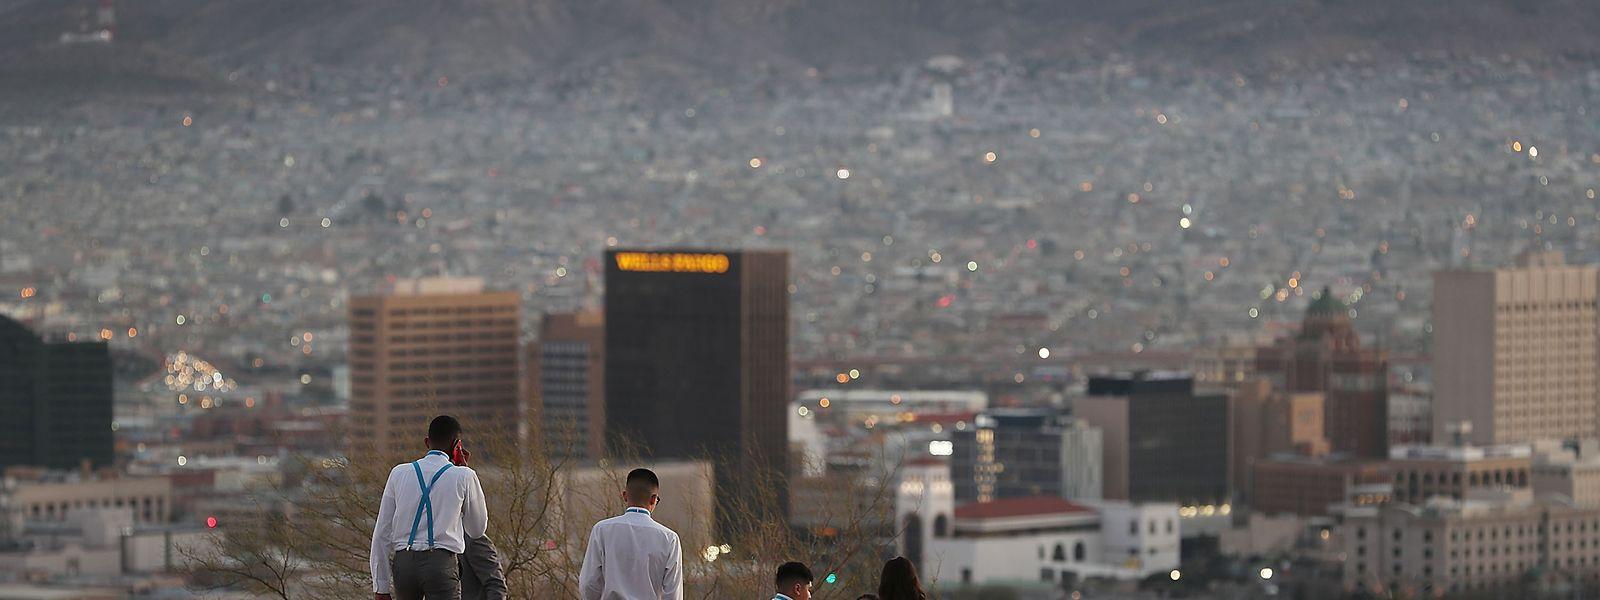 Magnifique vue depuis El Paso au Texas sur la ville de Juarez qui se trouve au Mexique. Entre les deux, la frontière.